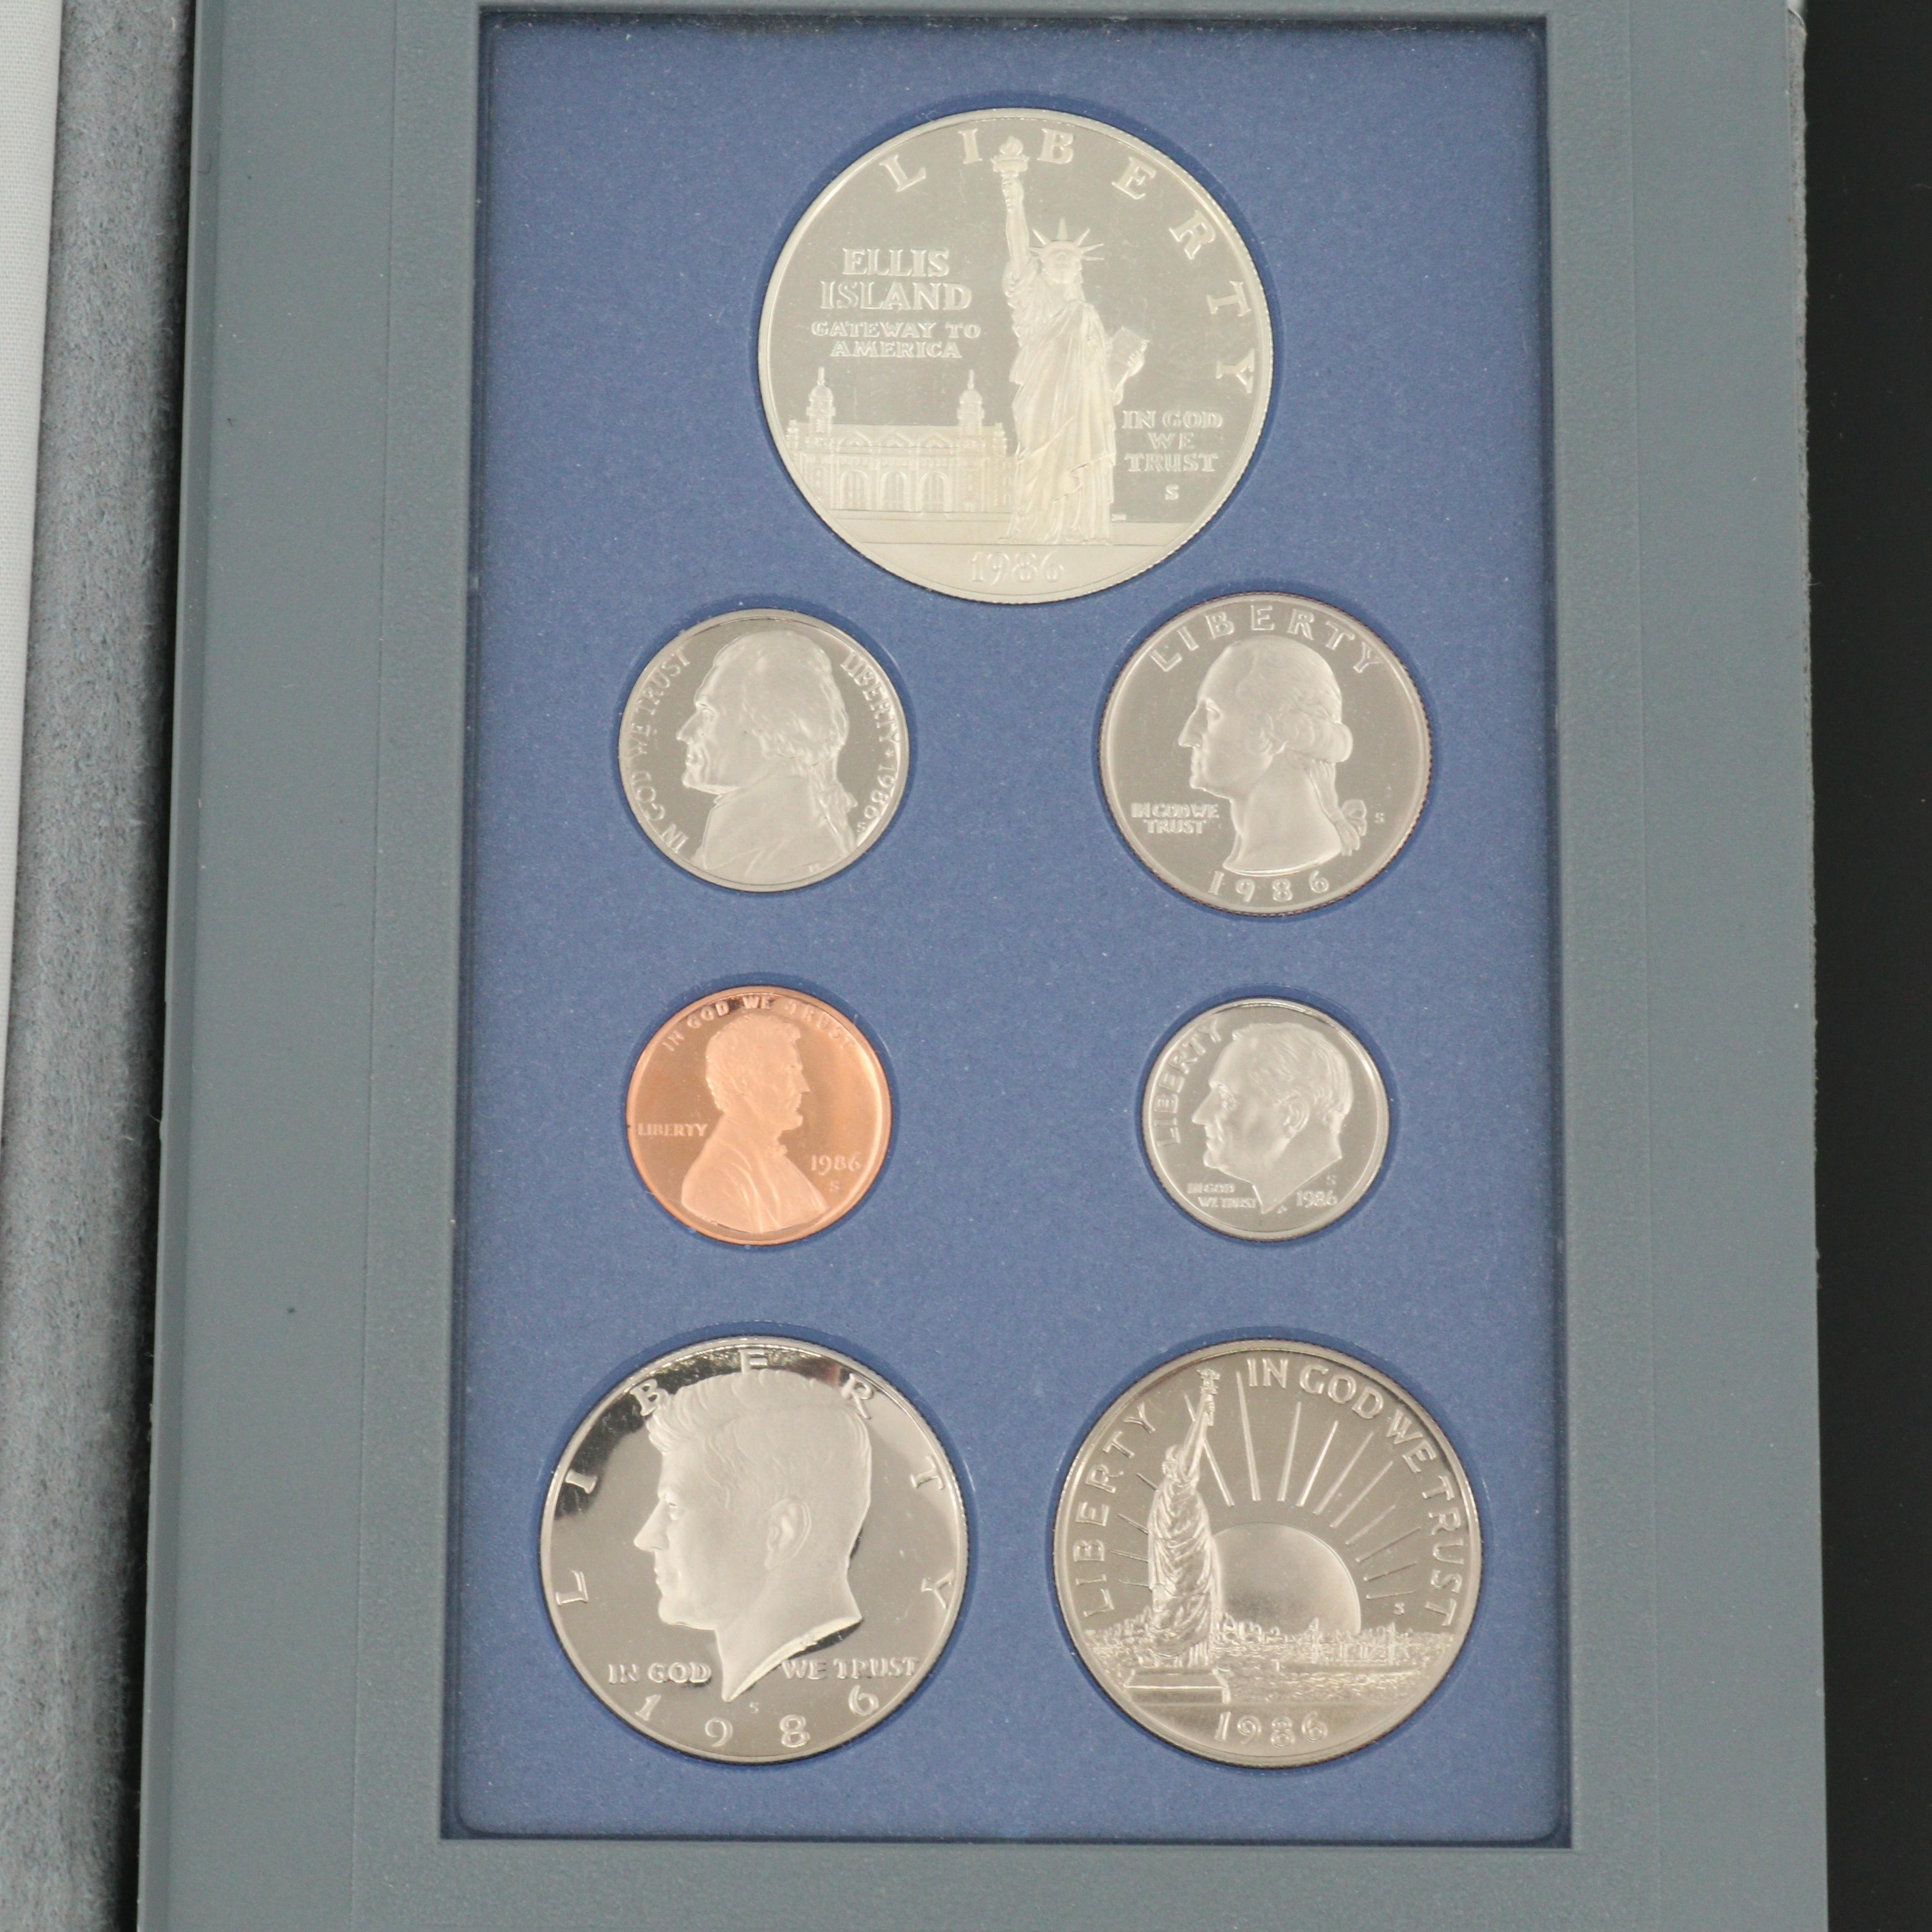 U.S. Mint 1986 Prestige Proof Set